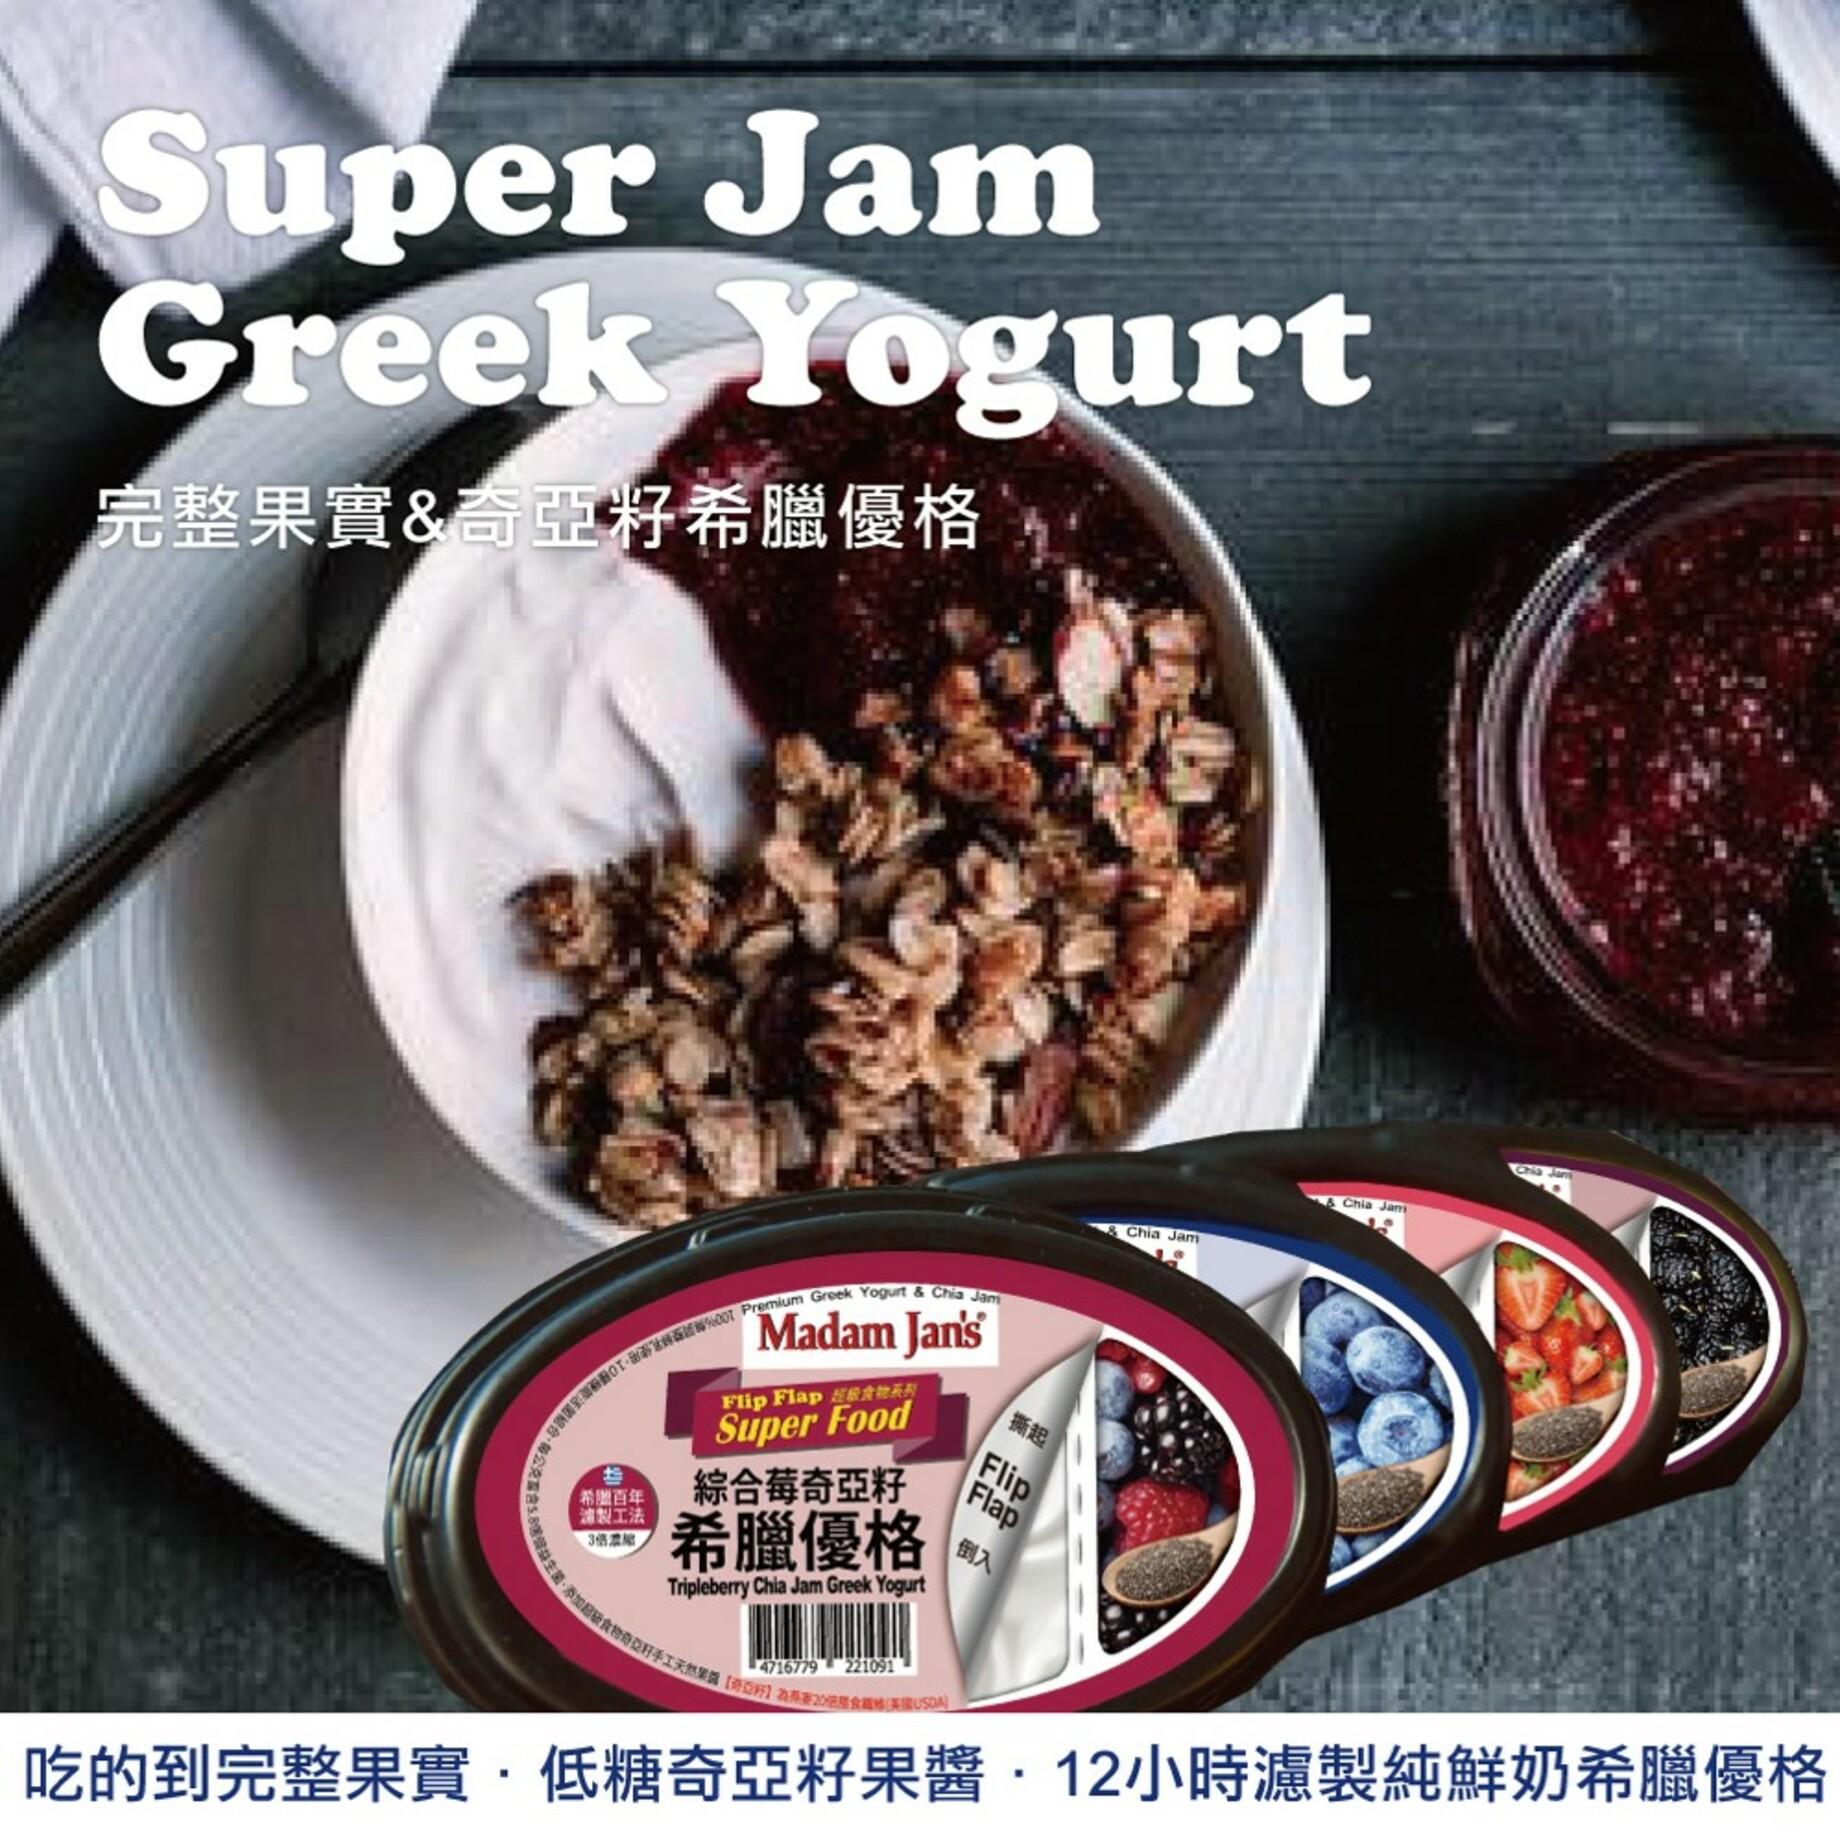 [Madam Jan's] 完整果實&奇亞籽希臘優格 10入組(綜合莓*4,藍莓*4,草莓*2)